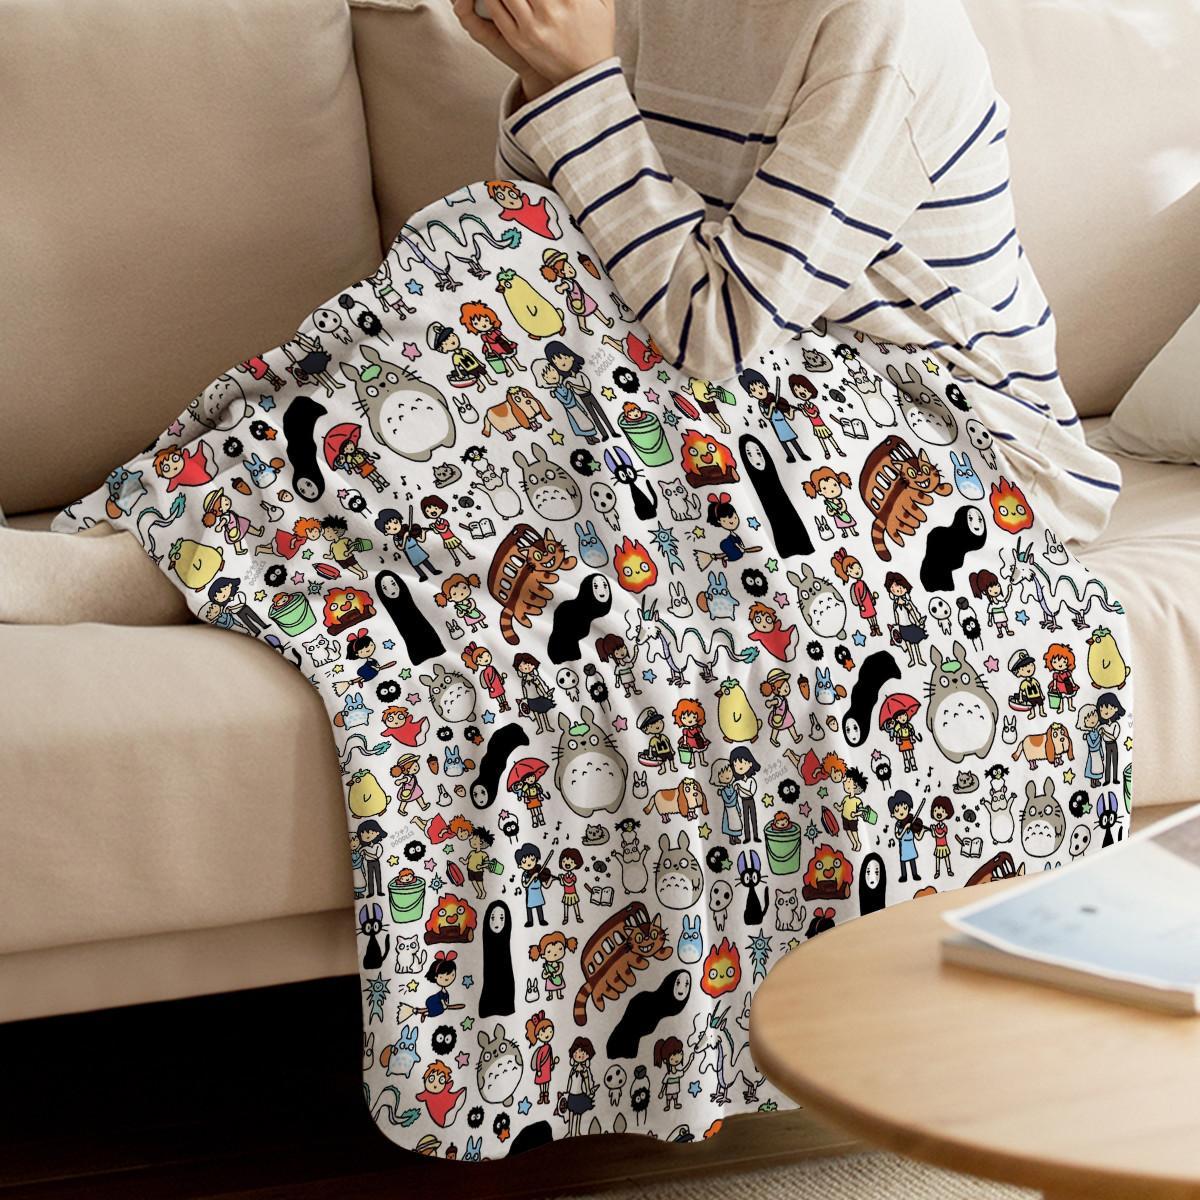 Kawaii Ghibli Doodle Throw Одеяло домашнее украшение Симпатичные персонажи мультфильмов Теплый микрофибры Одеяла для X1029 Спальня